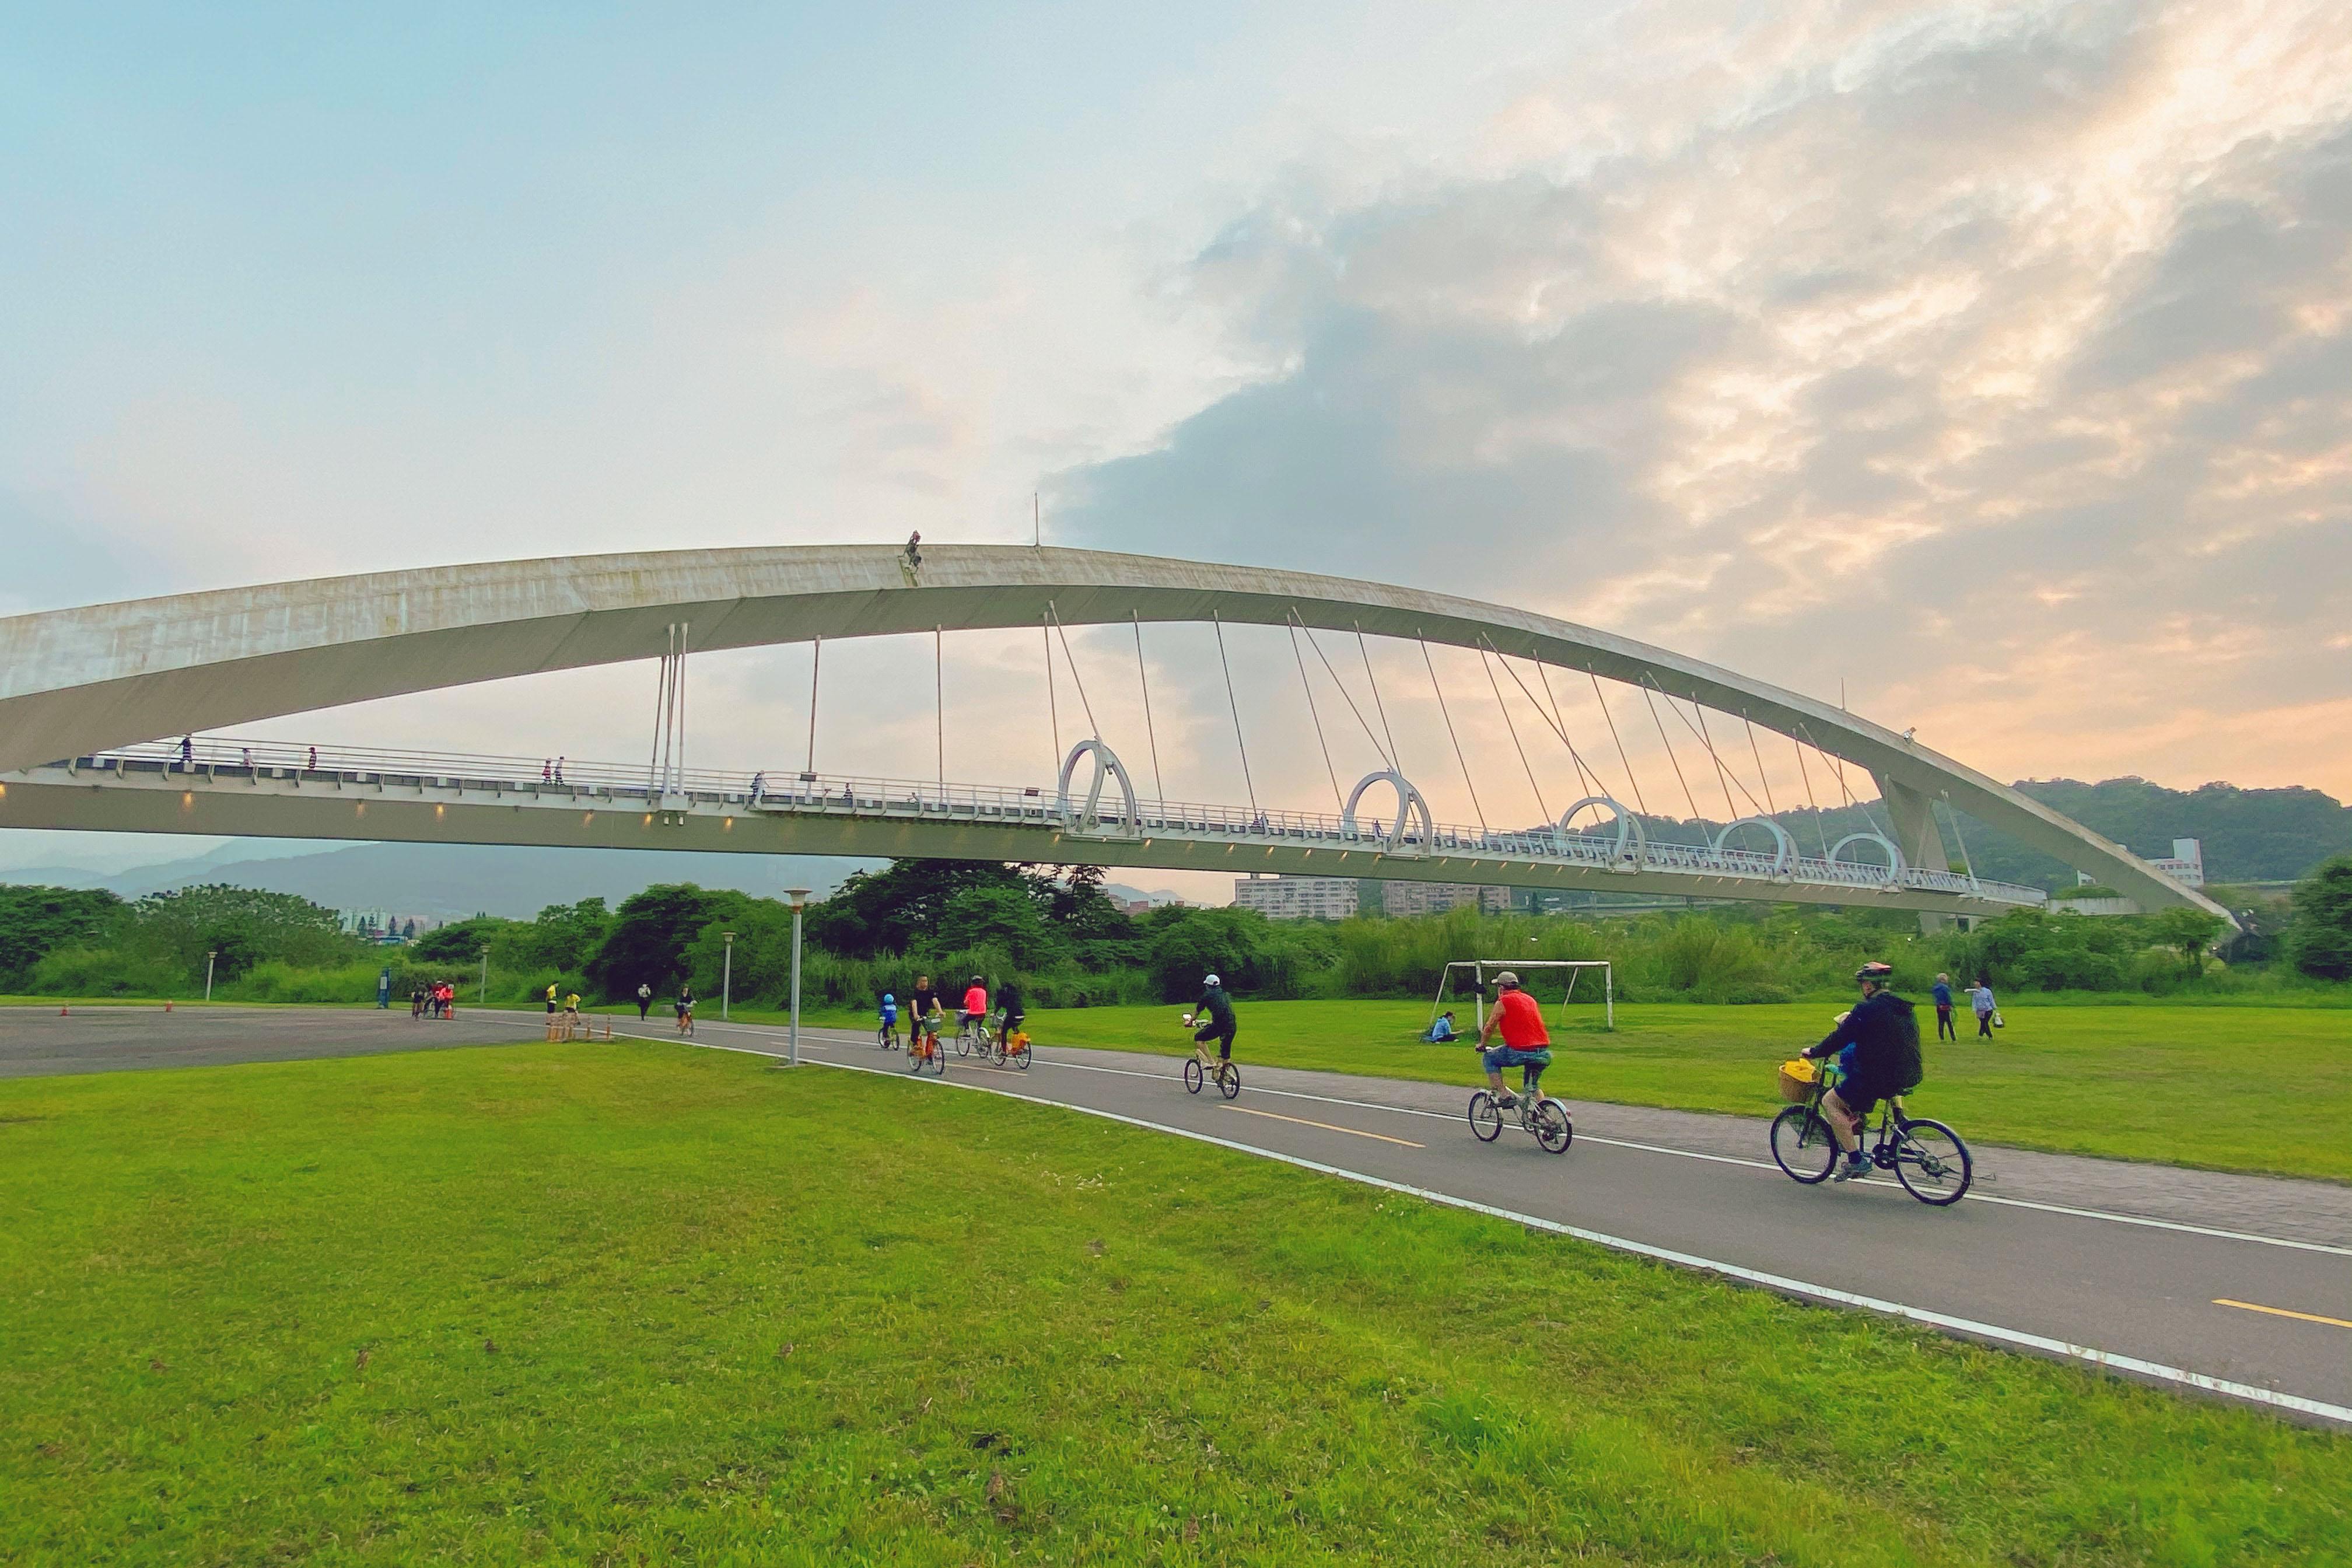 台北、新北・景美新店|市區也有青山綠水「景美溪左岸自行車道」,可搭捷運玩的半日遊行程